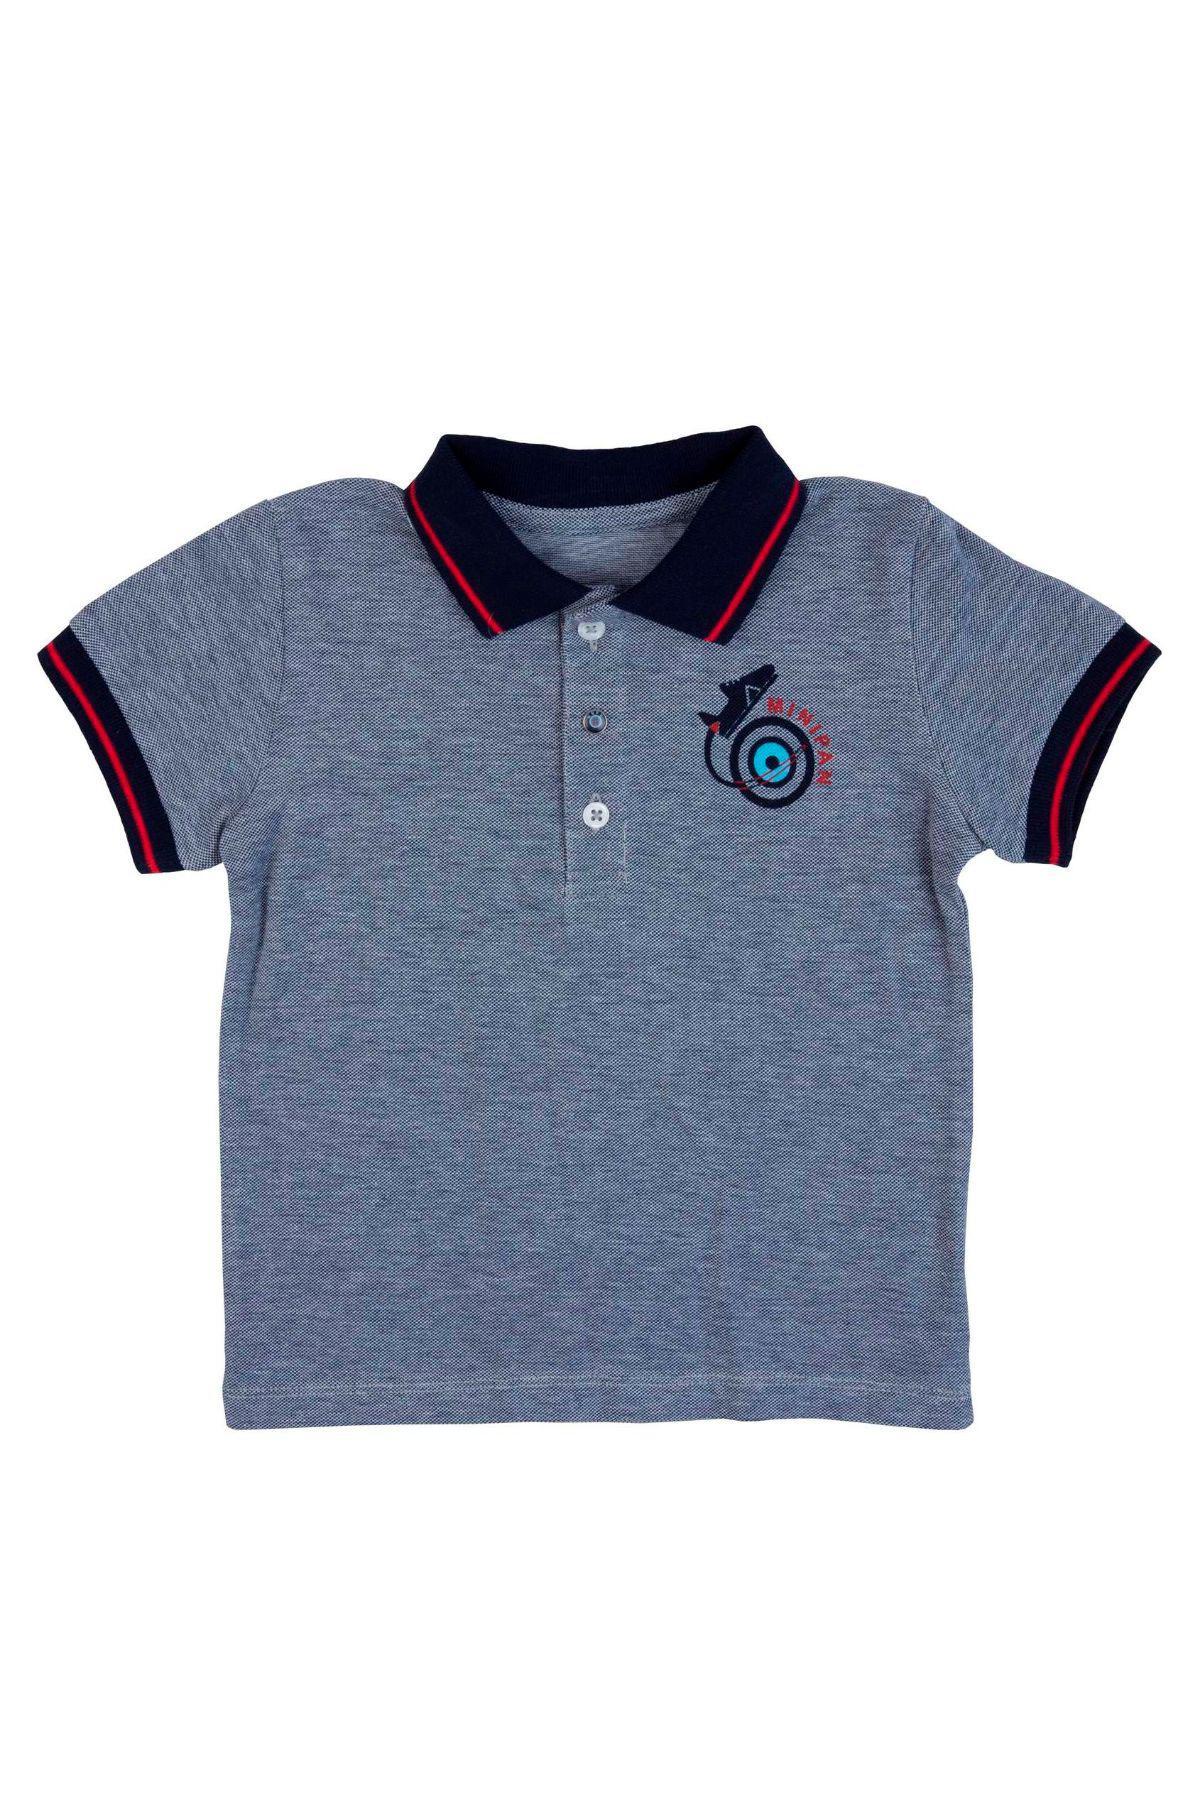 Bebepan 3552 ТЕМНО-СИНИЙ Детская футболка для мальчиков